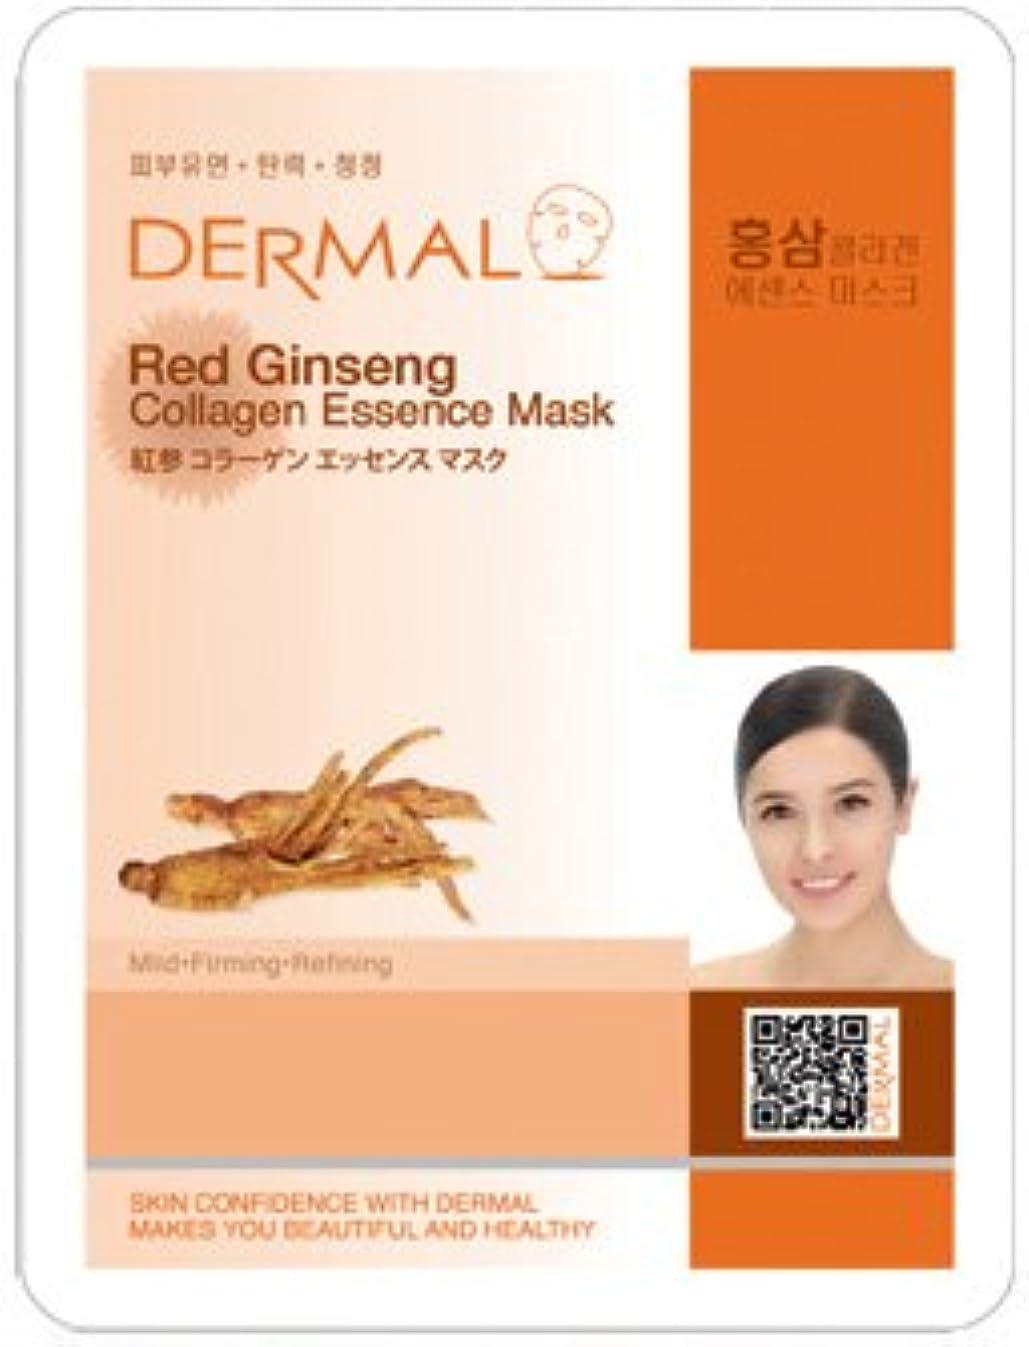 機械的公平皮シートマスク 紅参 100枚セット ダーマル(Dermal) フェイス パック